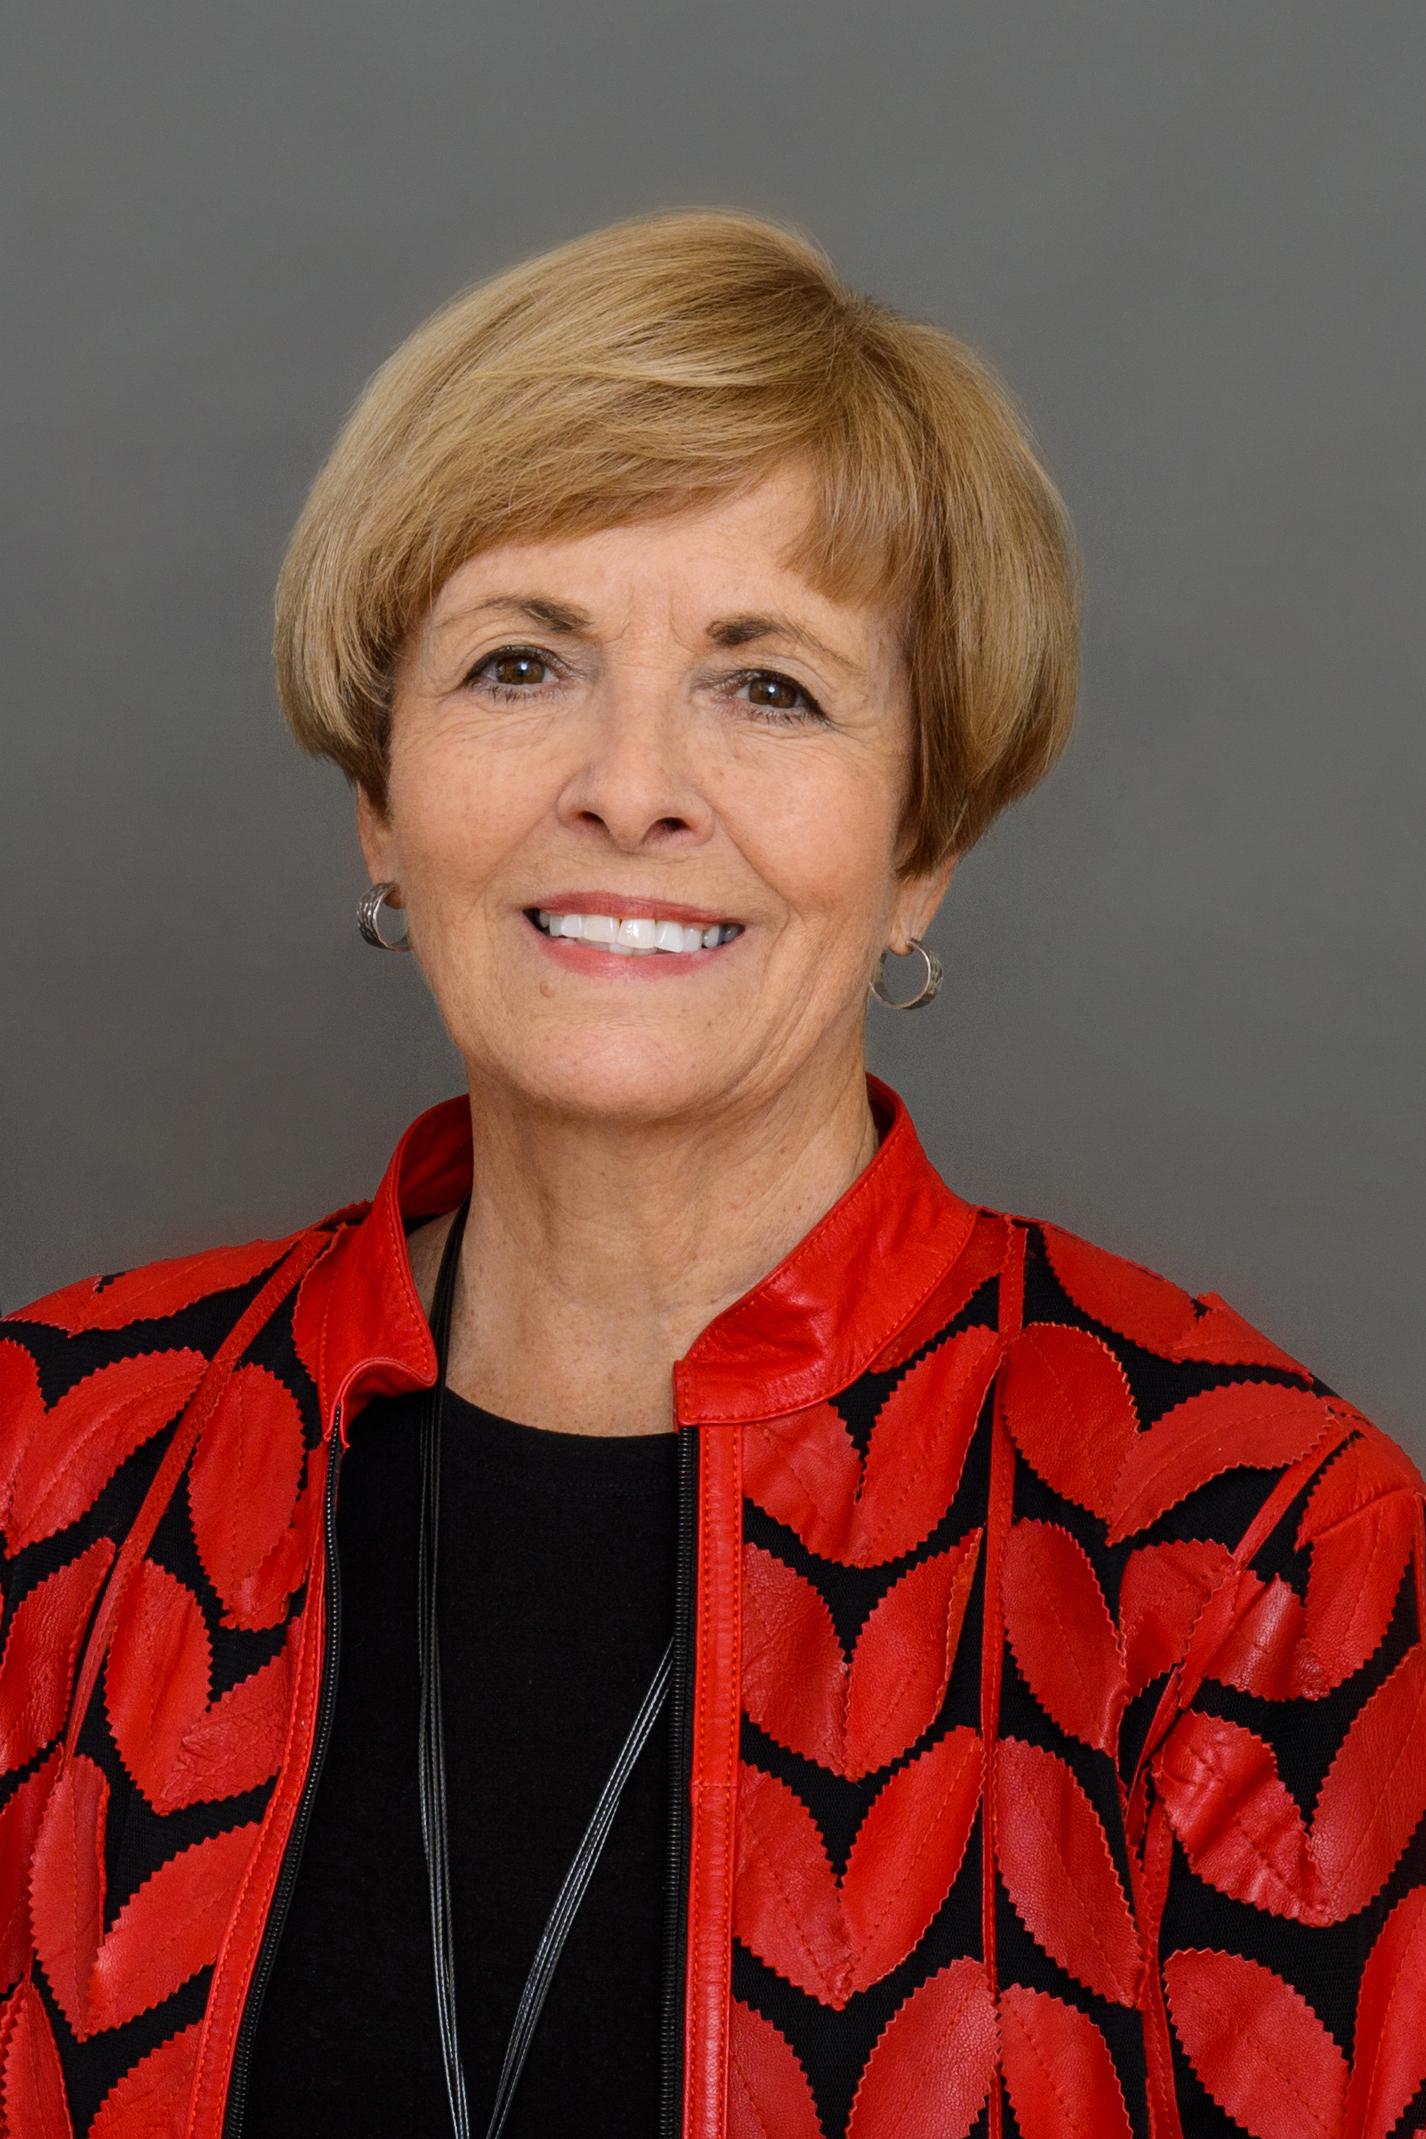 Joanne Ernstsen